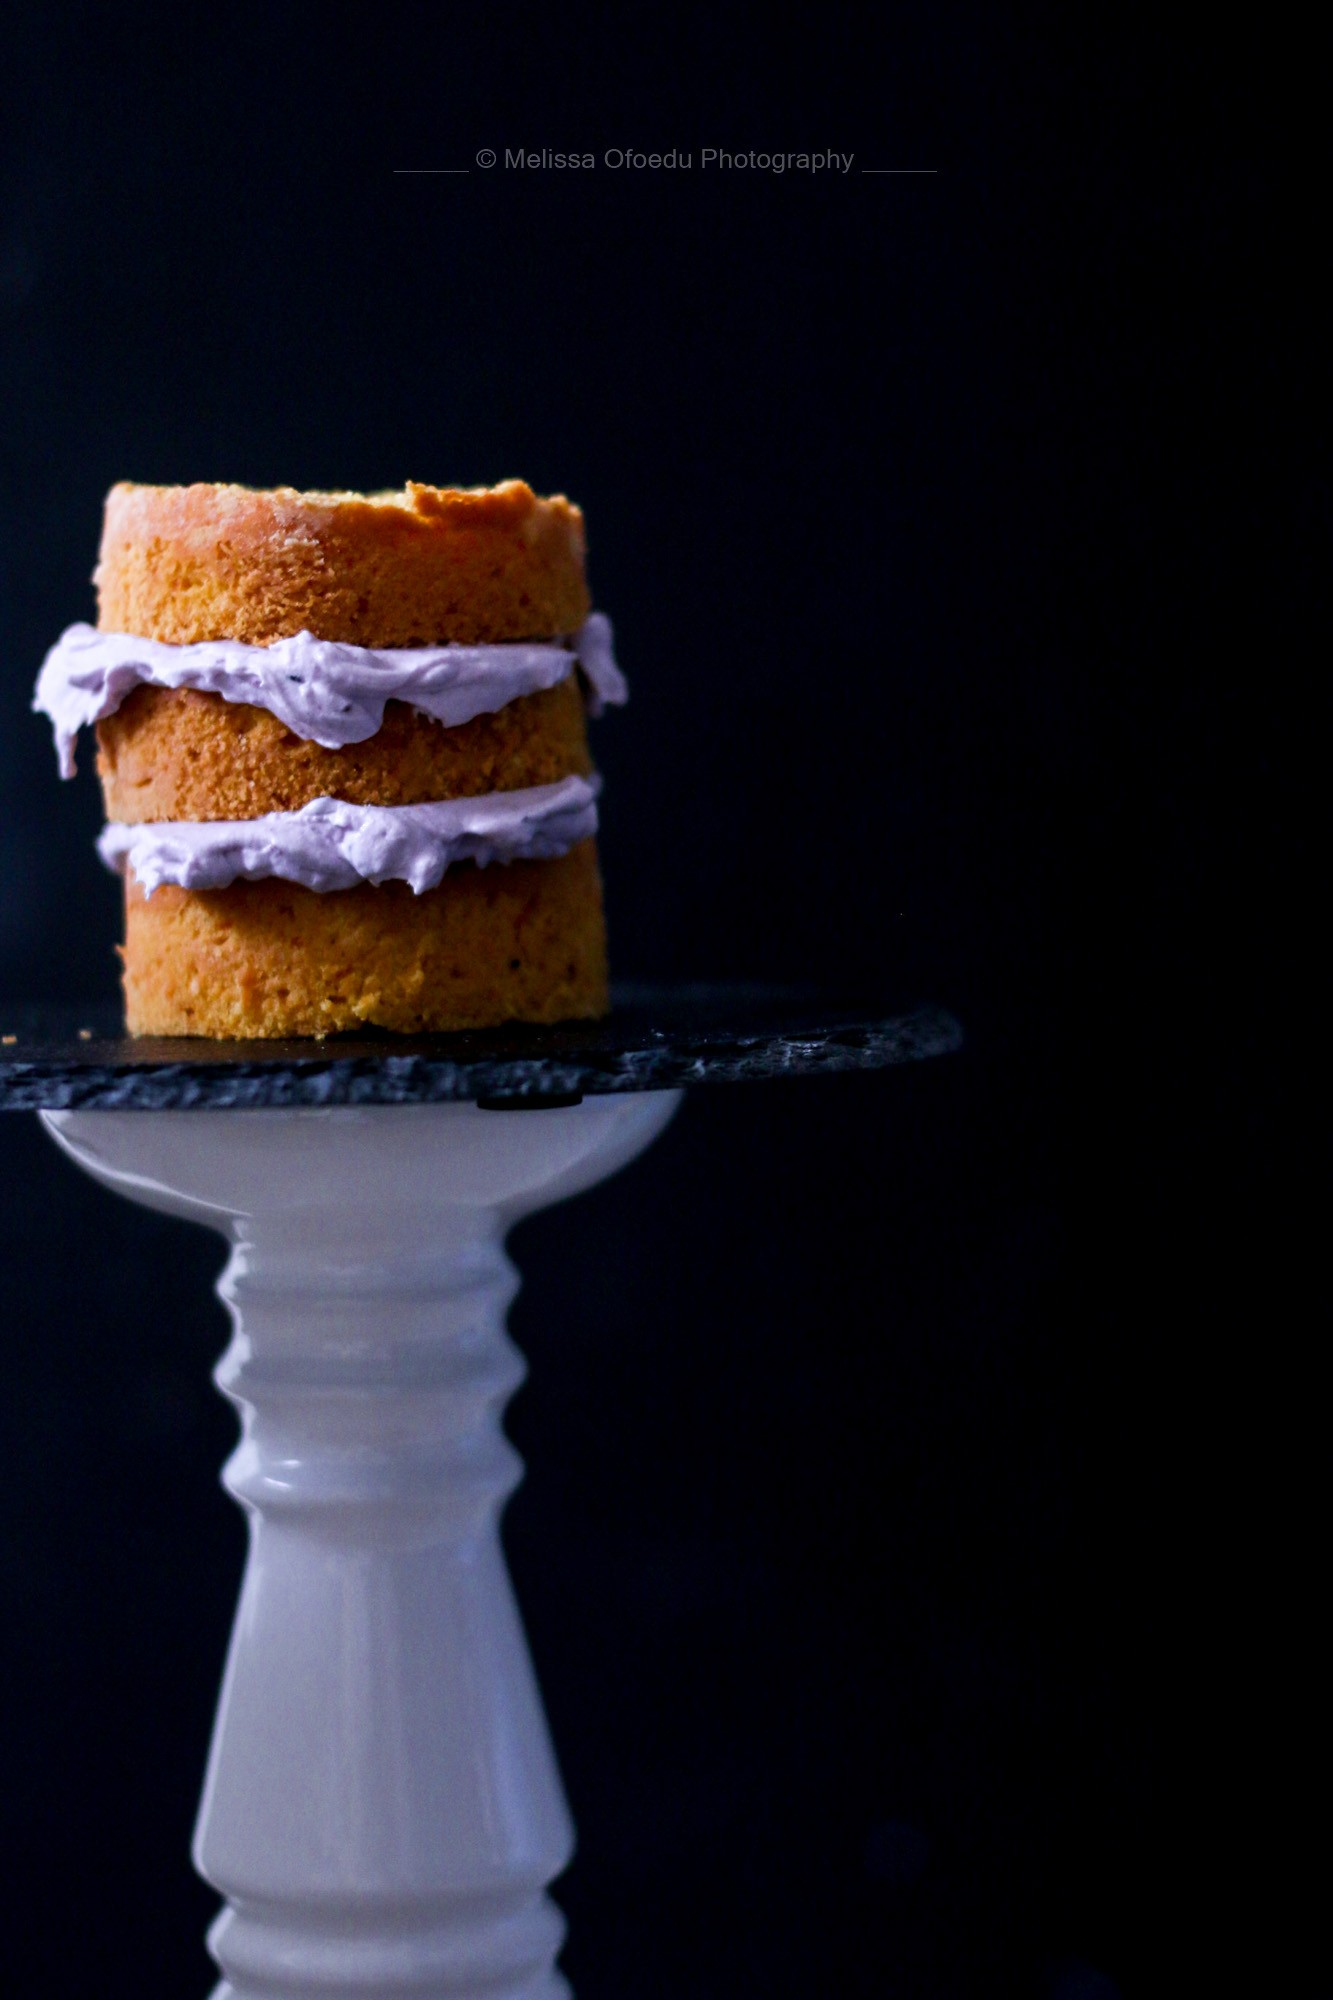 pumpkin-spice-cake-with-blackberrycream-melissa-ofoedu-photography-6-von-1